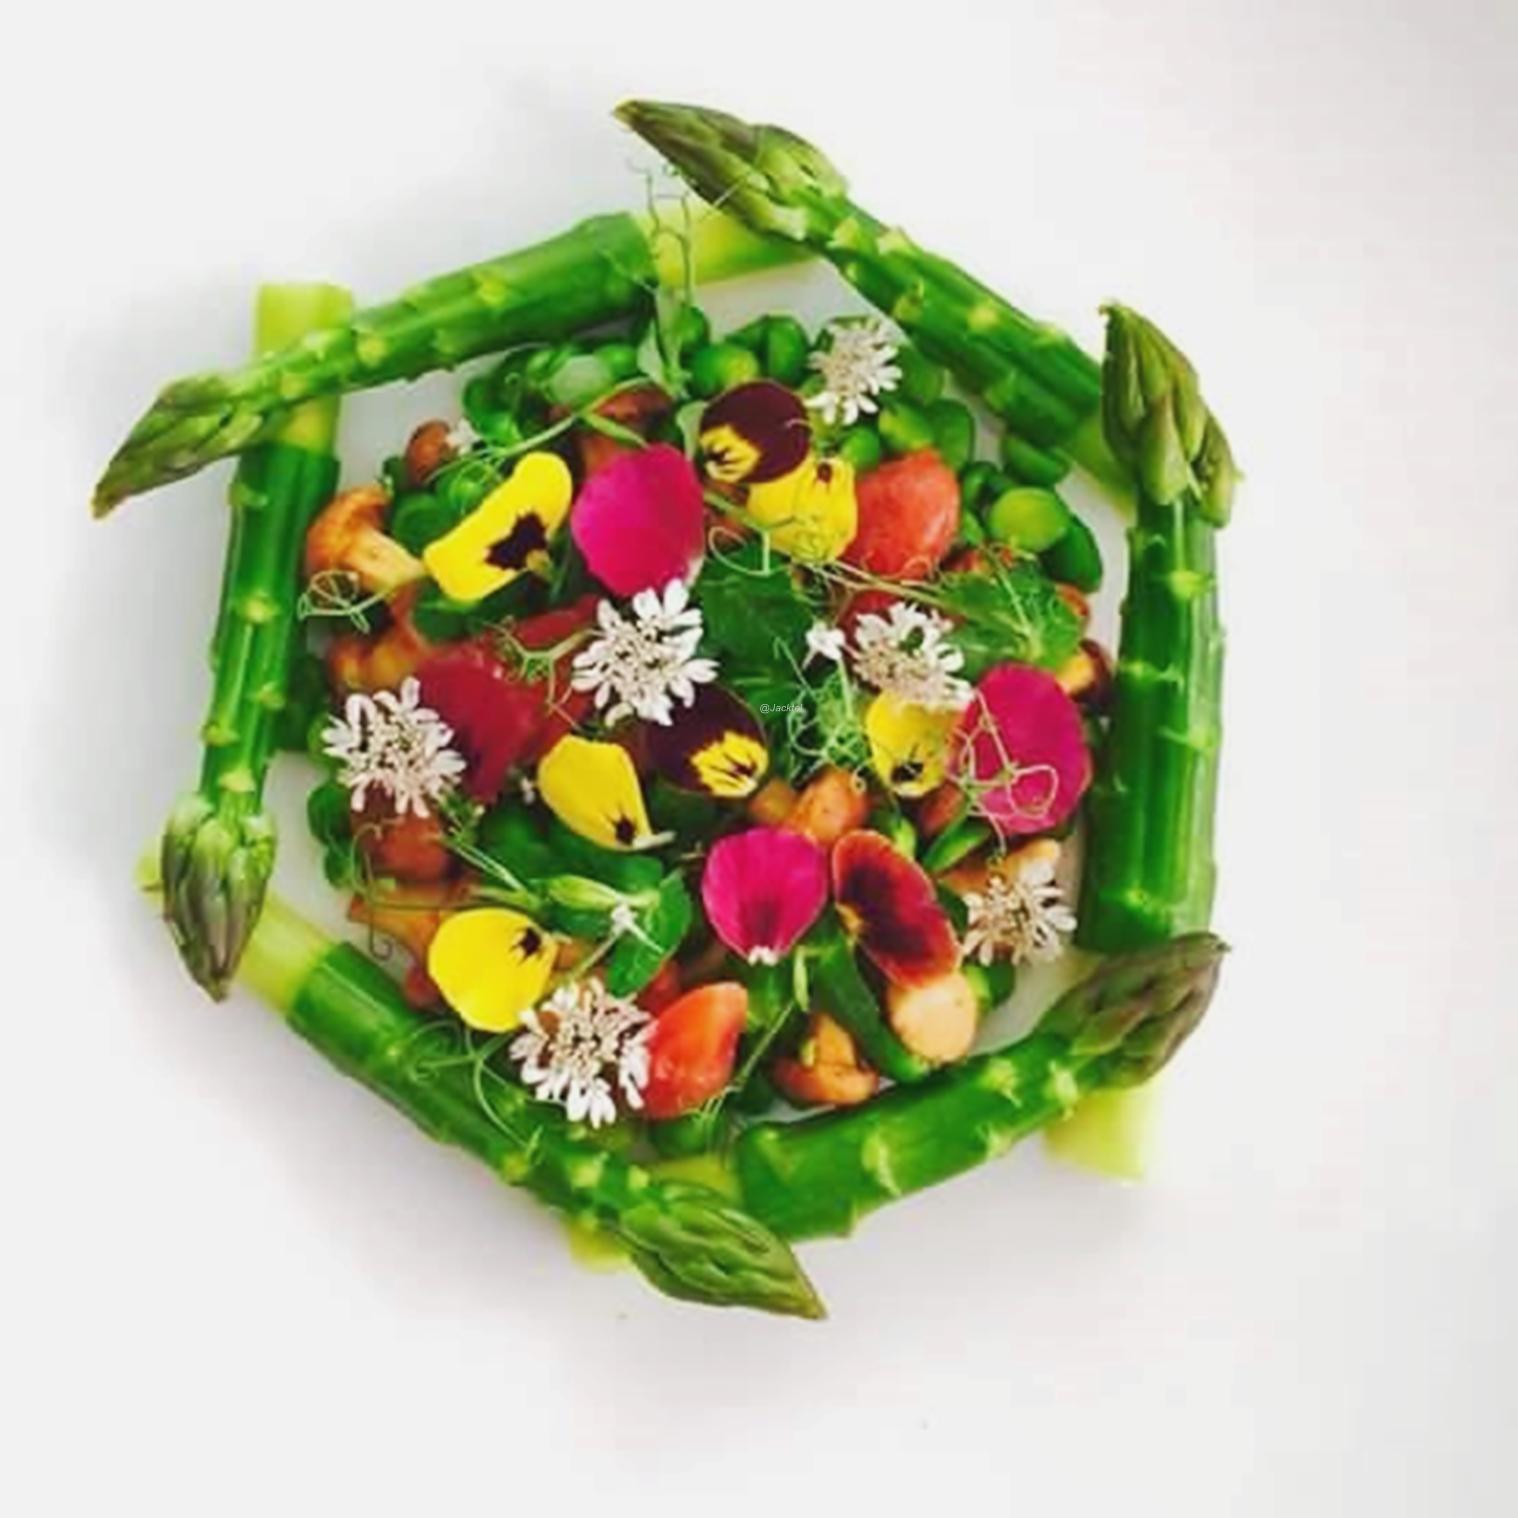 Frühlings-salat (2)